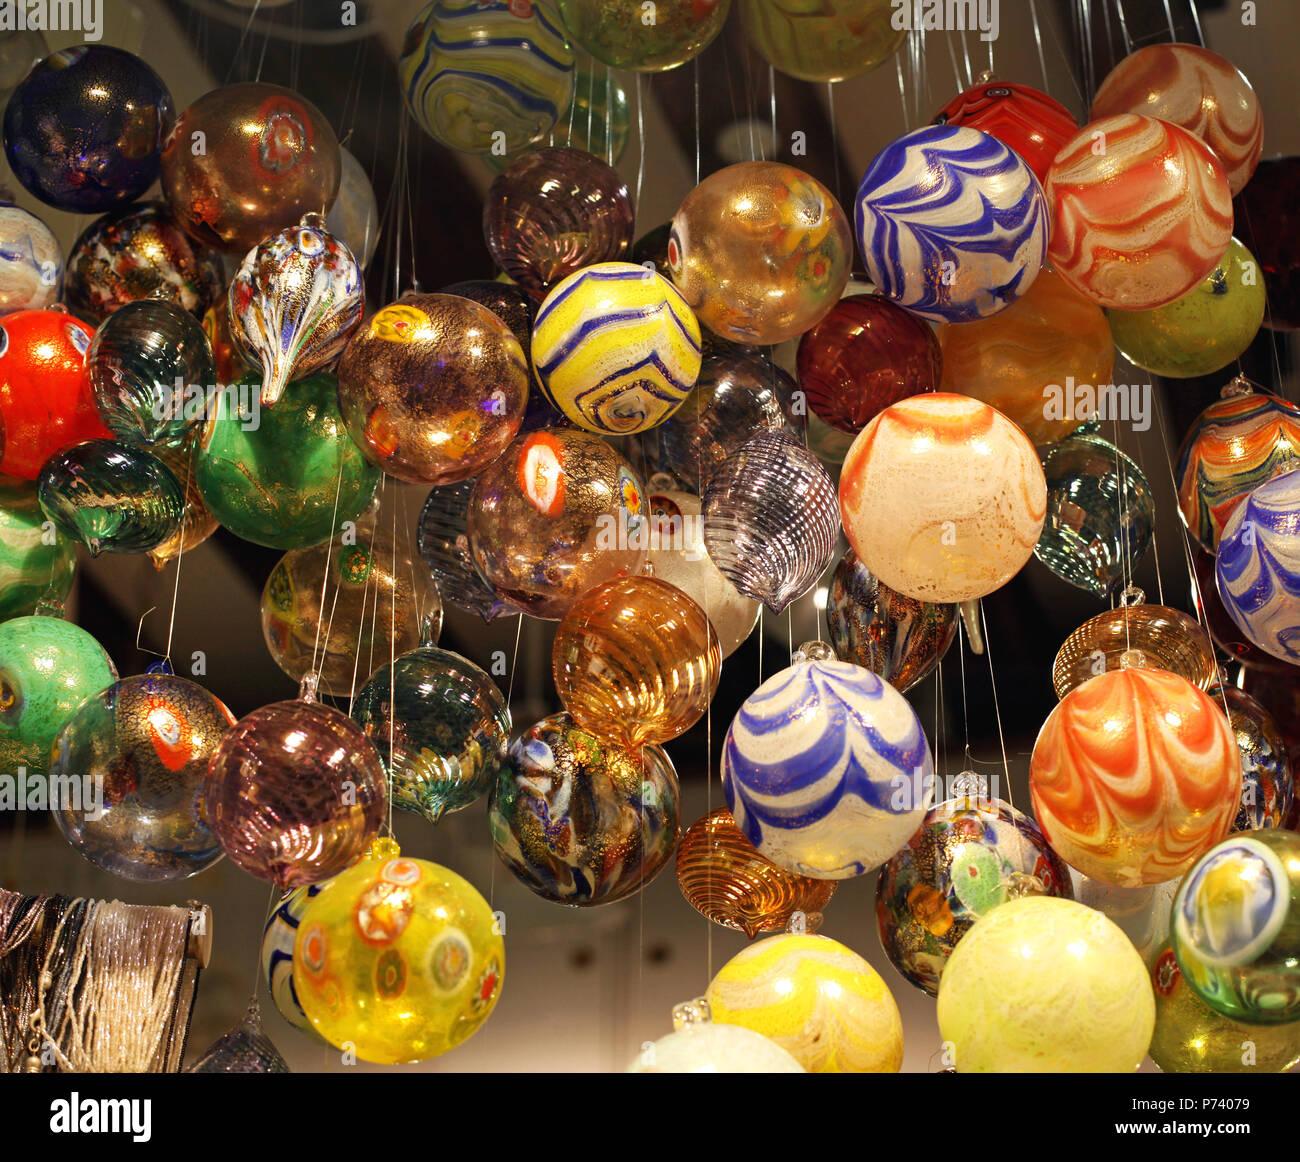 Christbaumkugeln Glas Bunt.Bunte Murano Glas Christbaumkugeln Weihnachten Dekoration